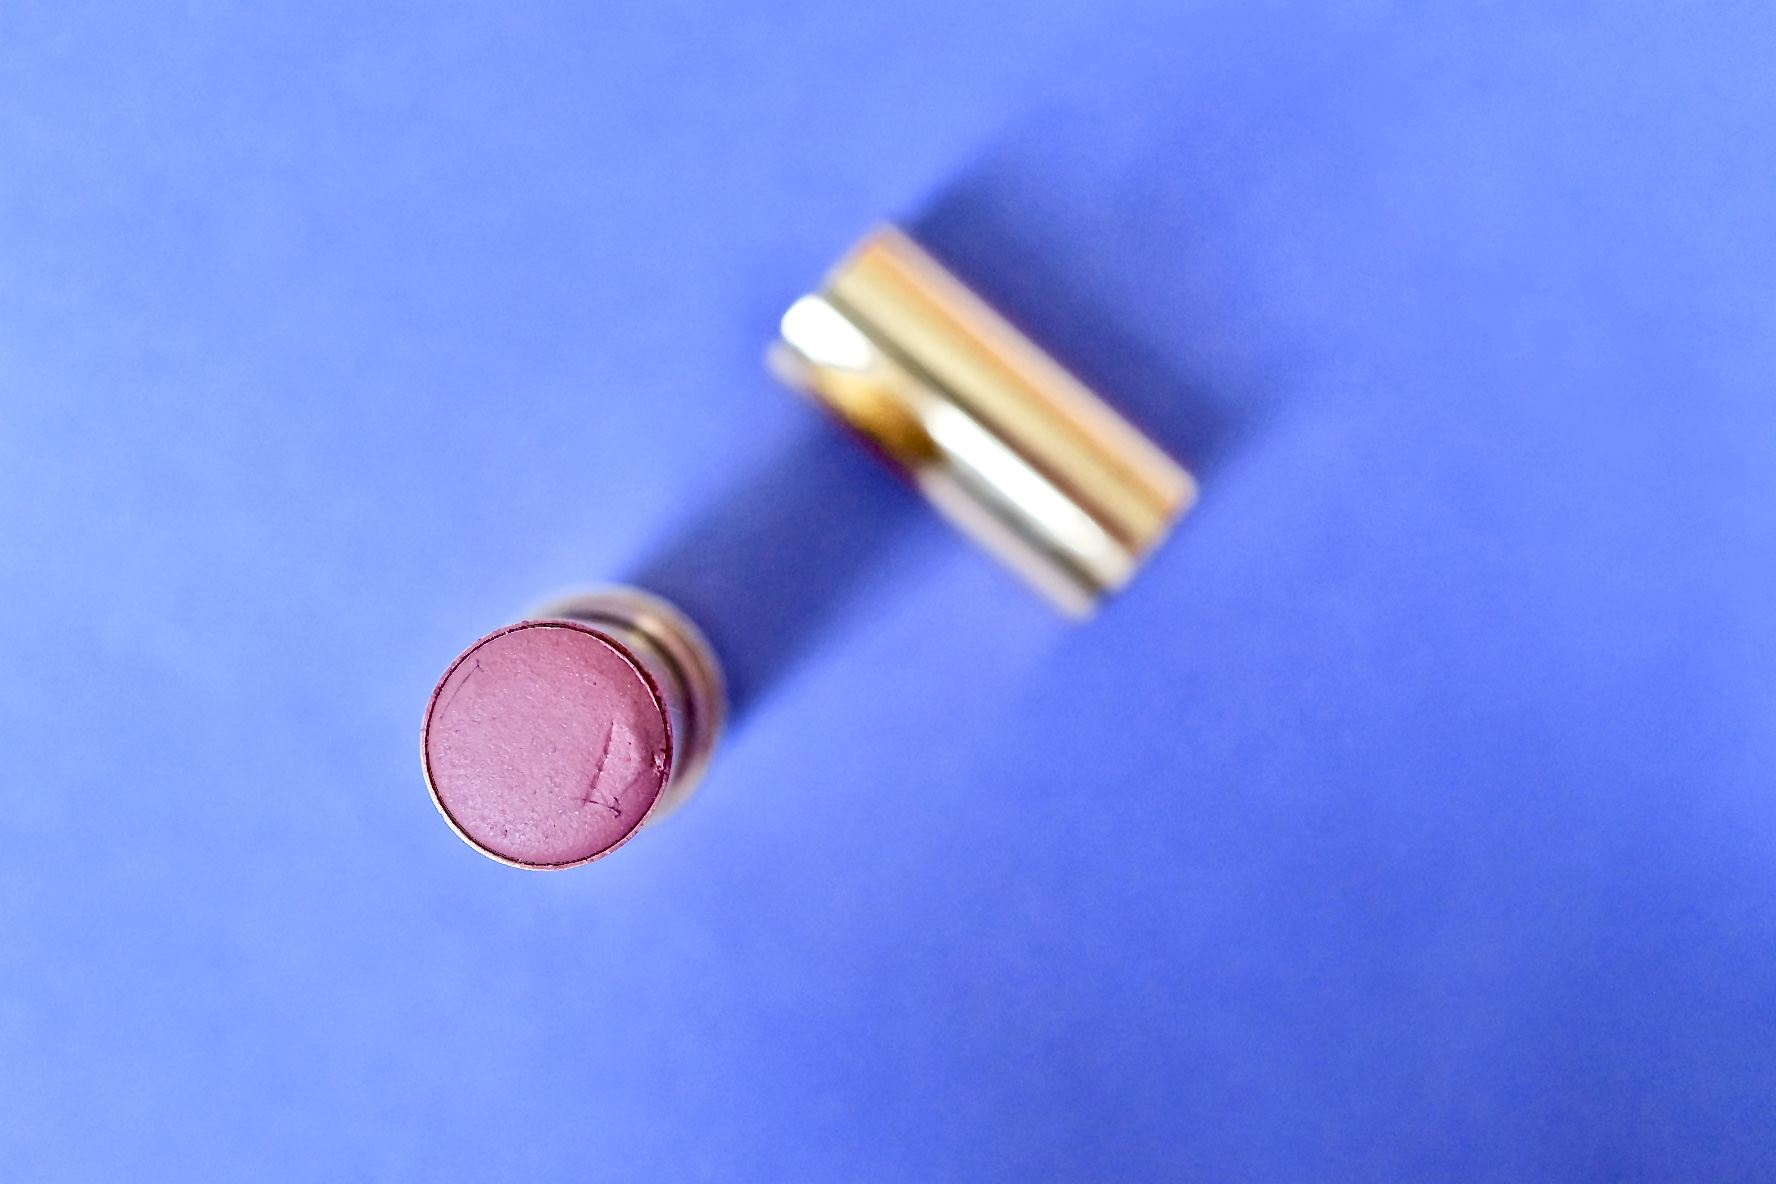 pink blush stick